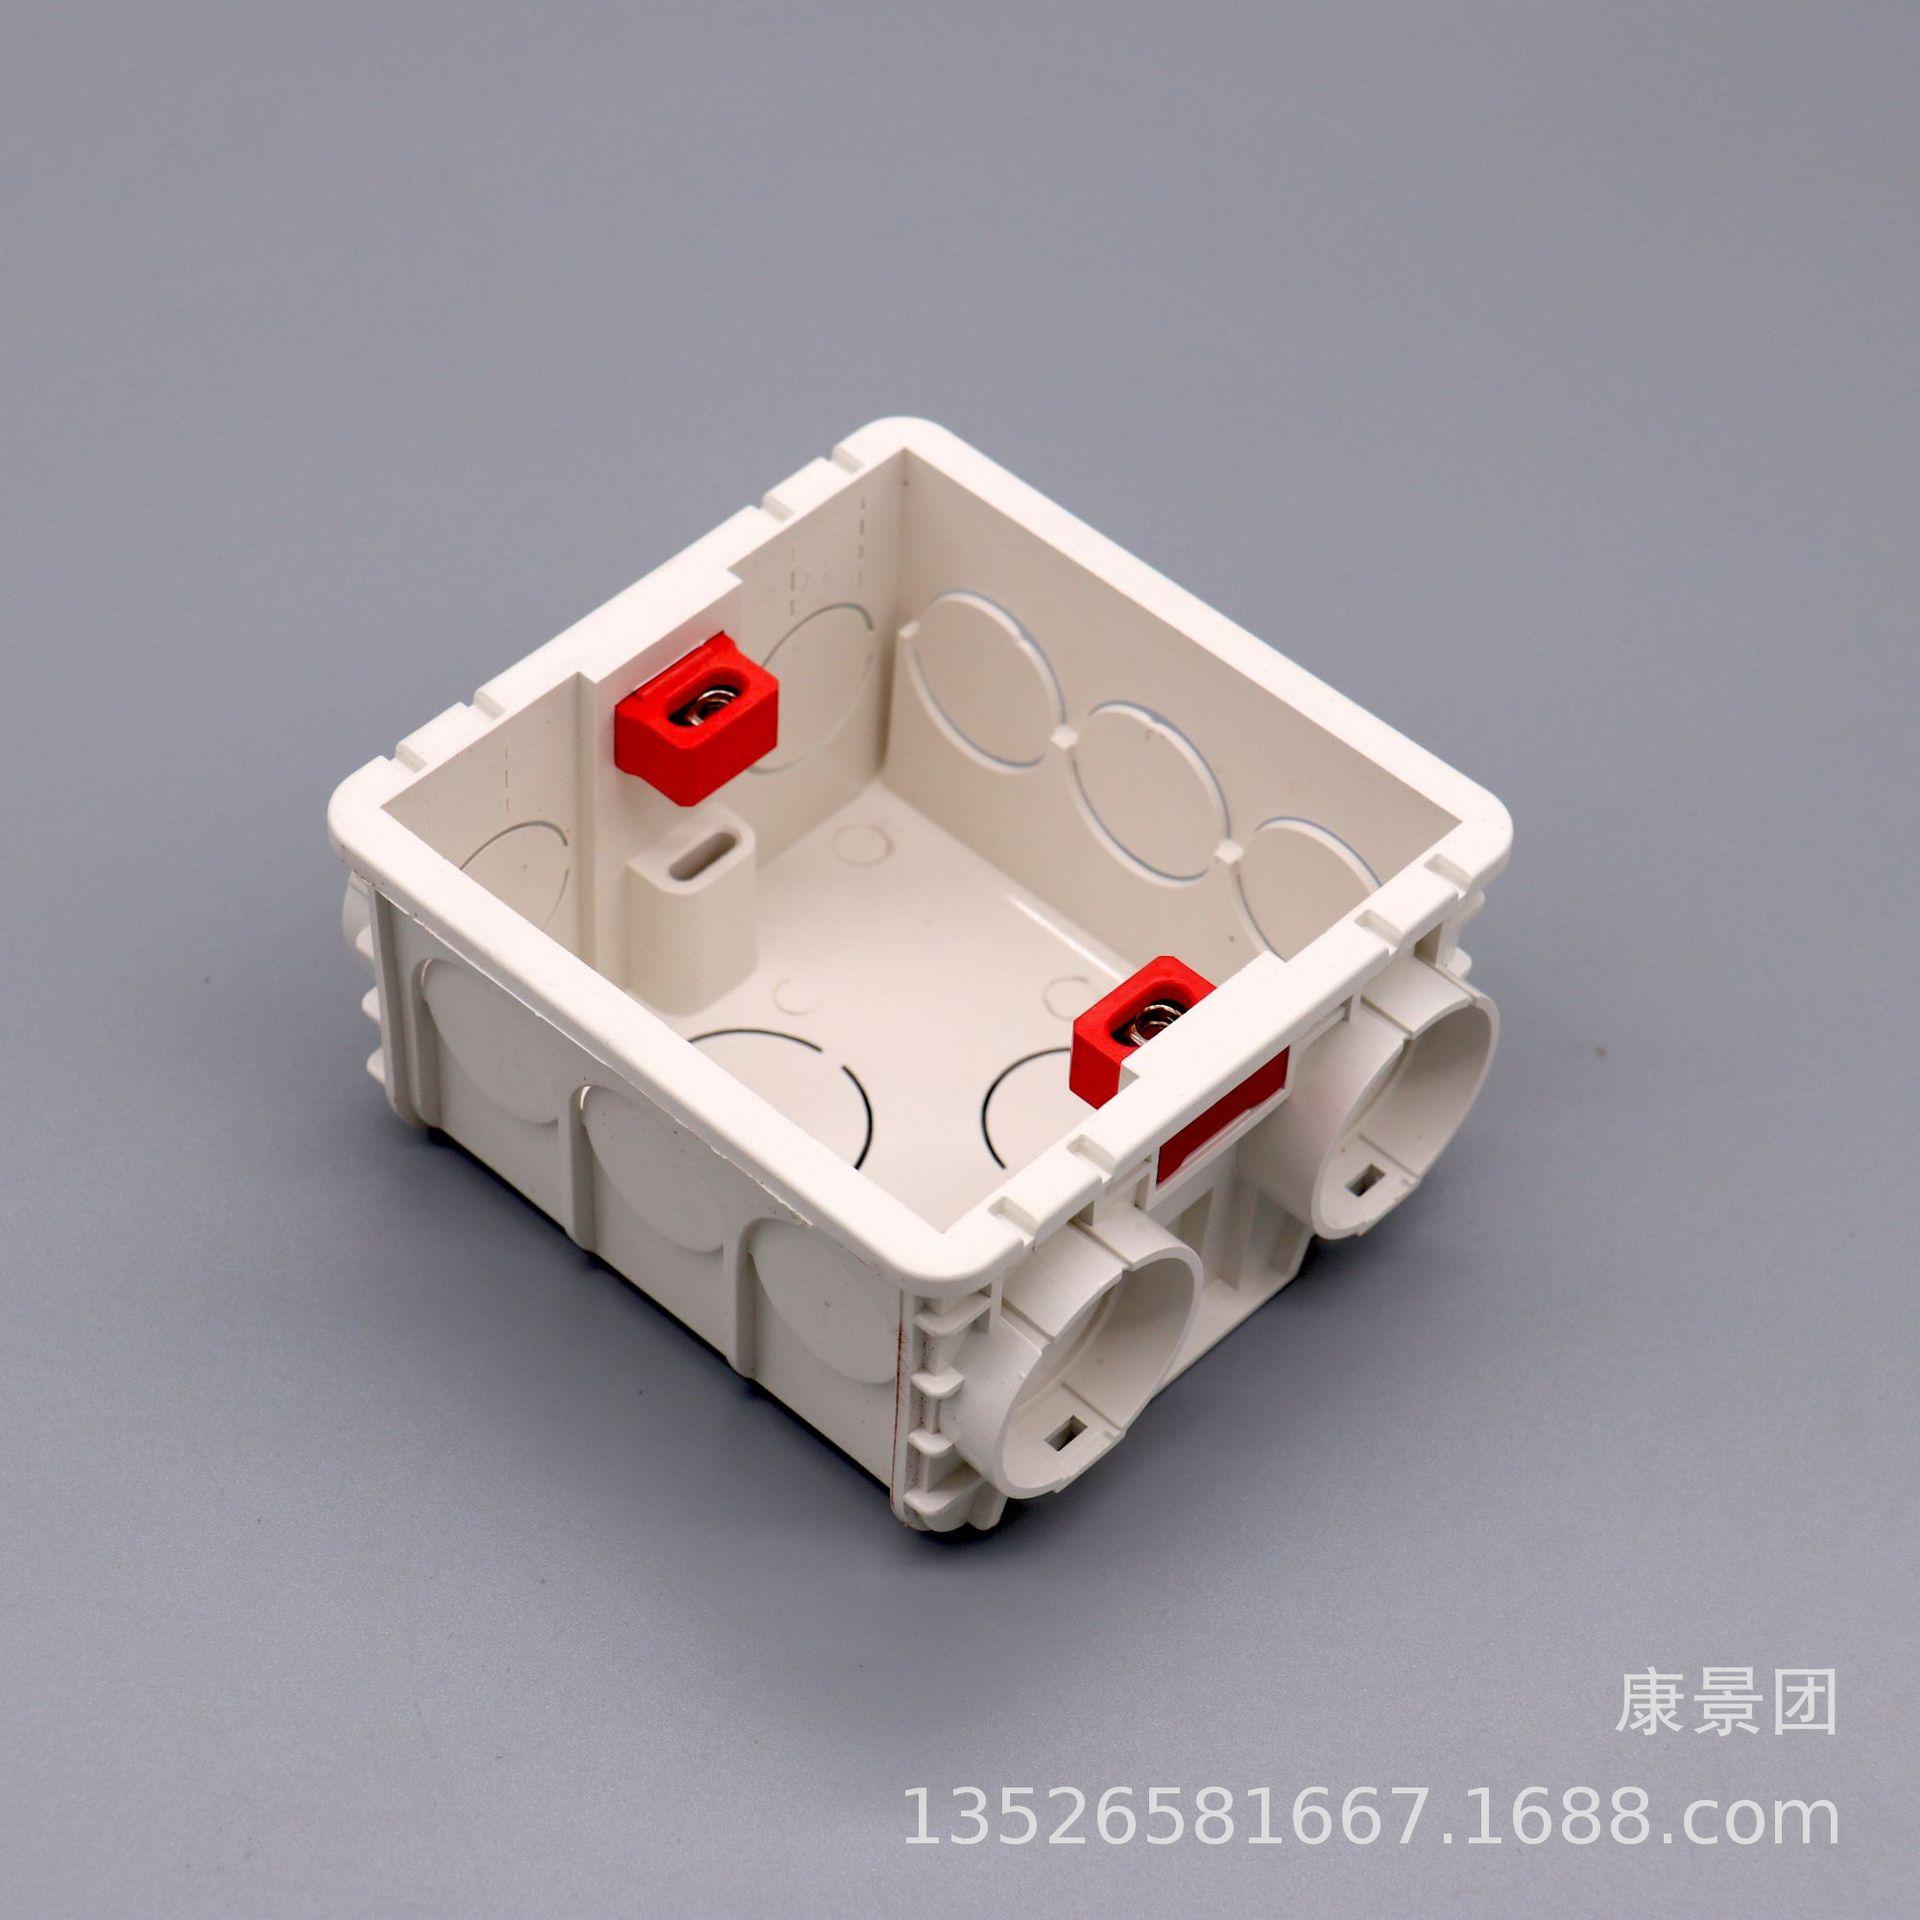 双保险 二料 86底盒 pvc组合型拼接线盒 暗装墙壁开关盒